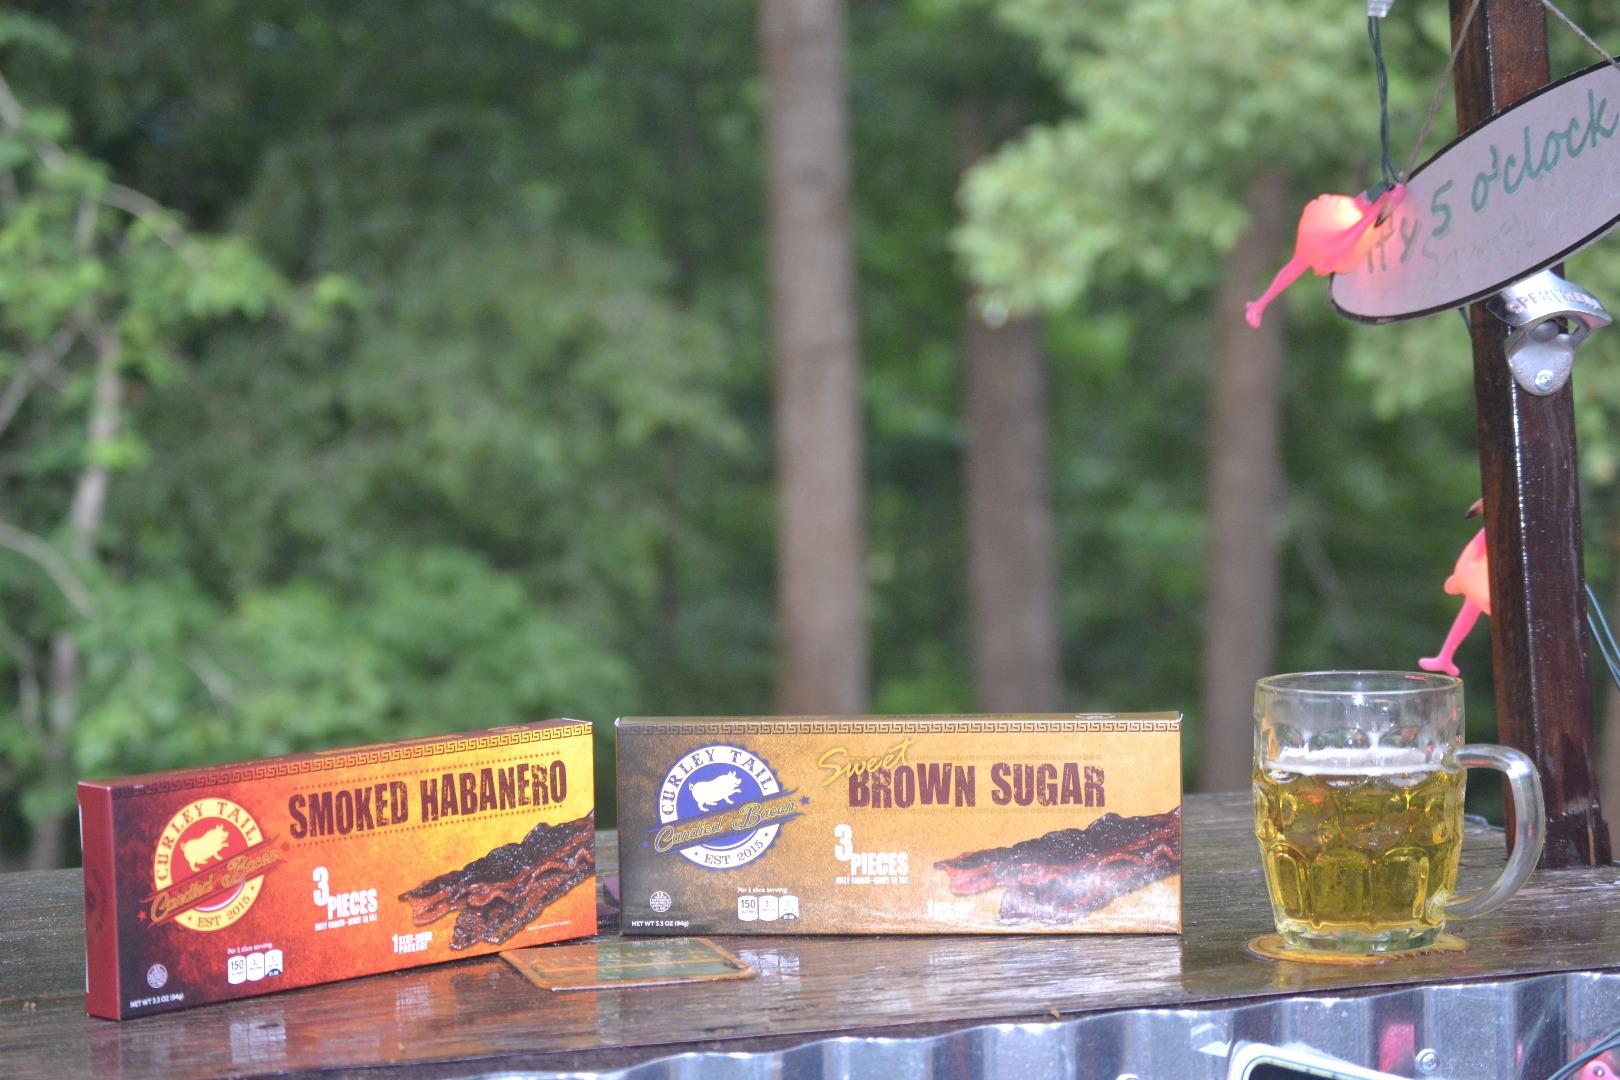 Both beer